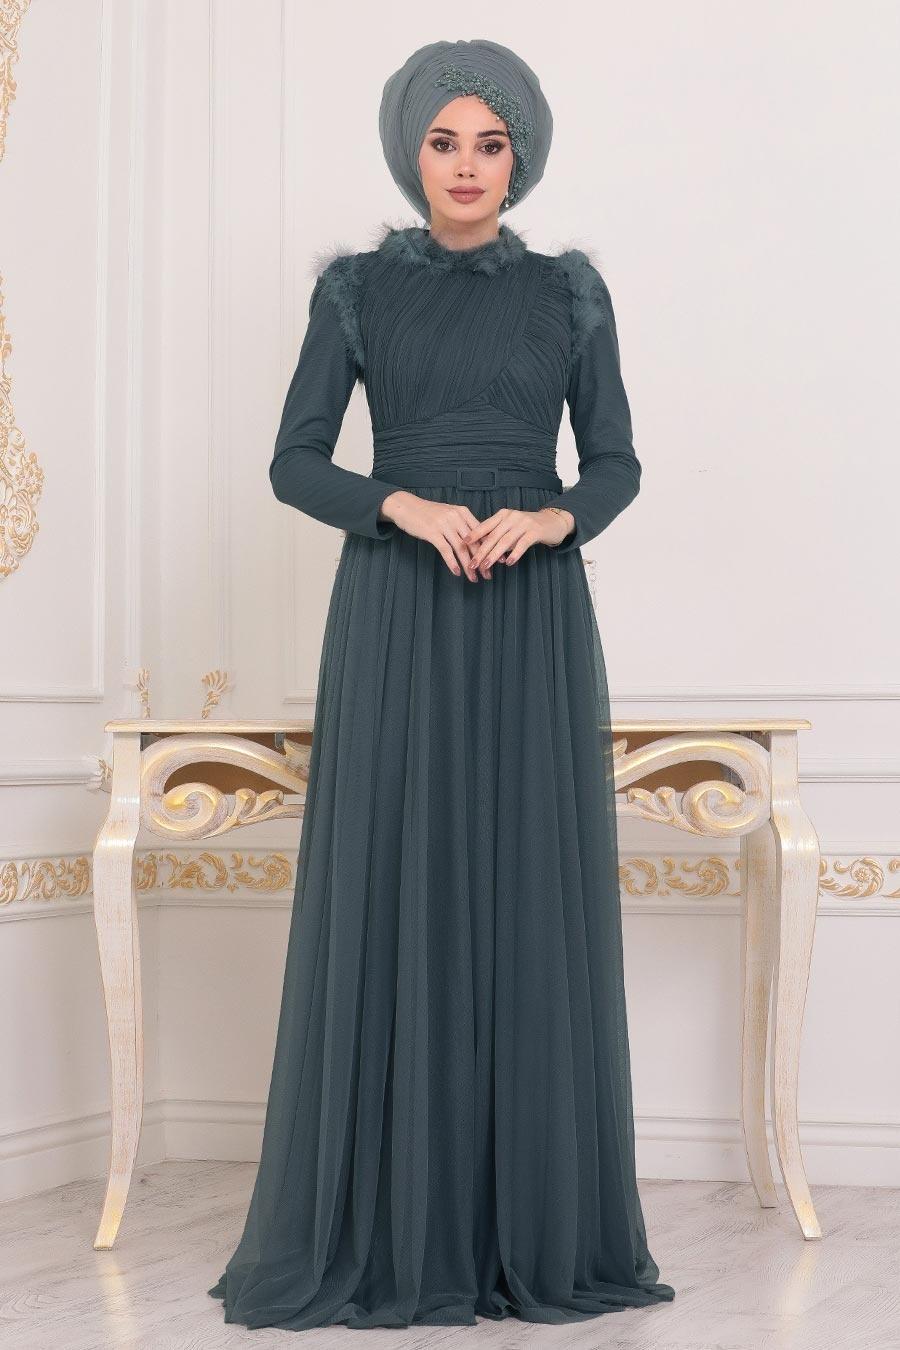 Tesettürlü Abiye Elbise - Püskül Detaylı Koyu Yeşil Tesettür Abiye Elbise 39890KY